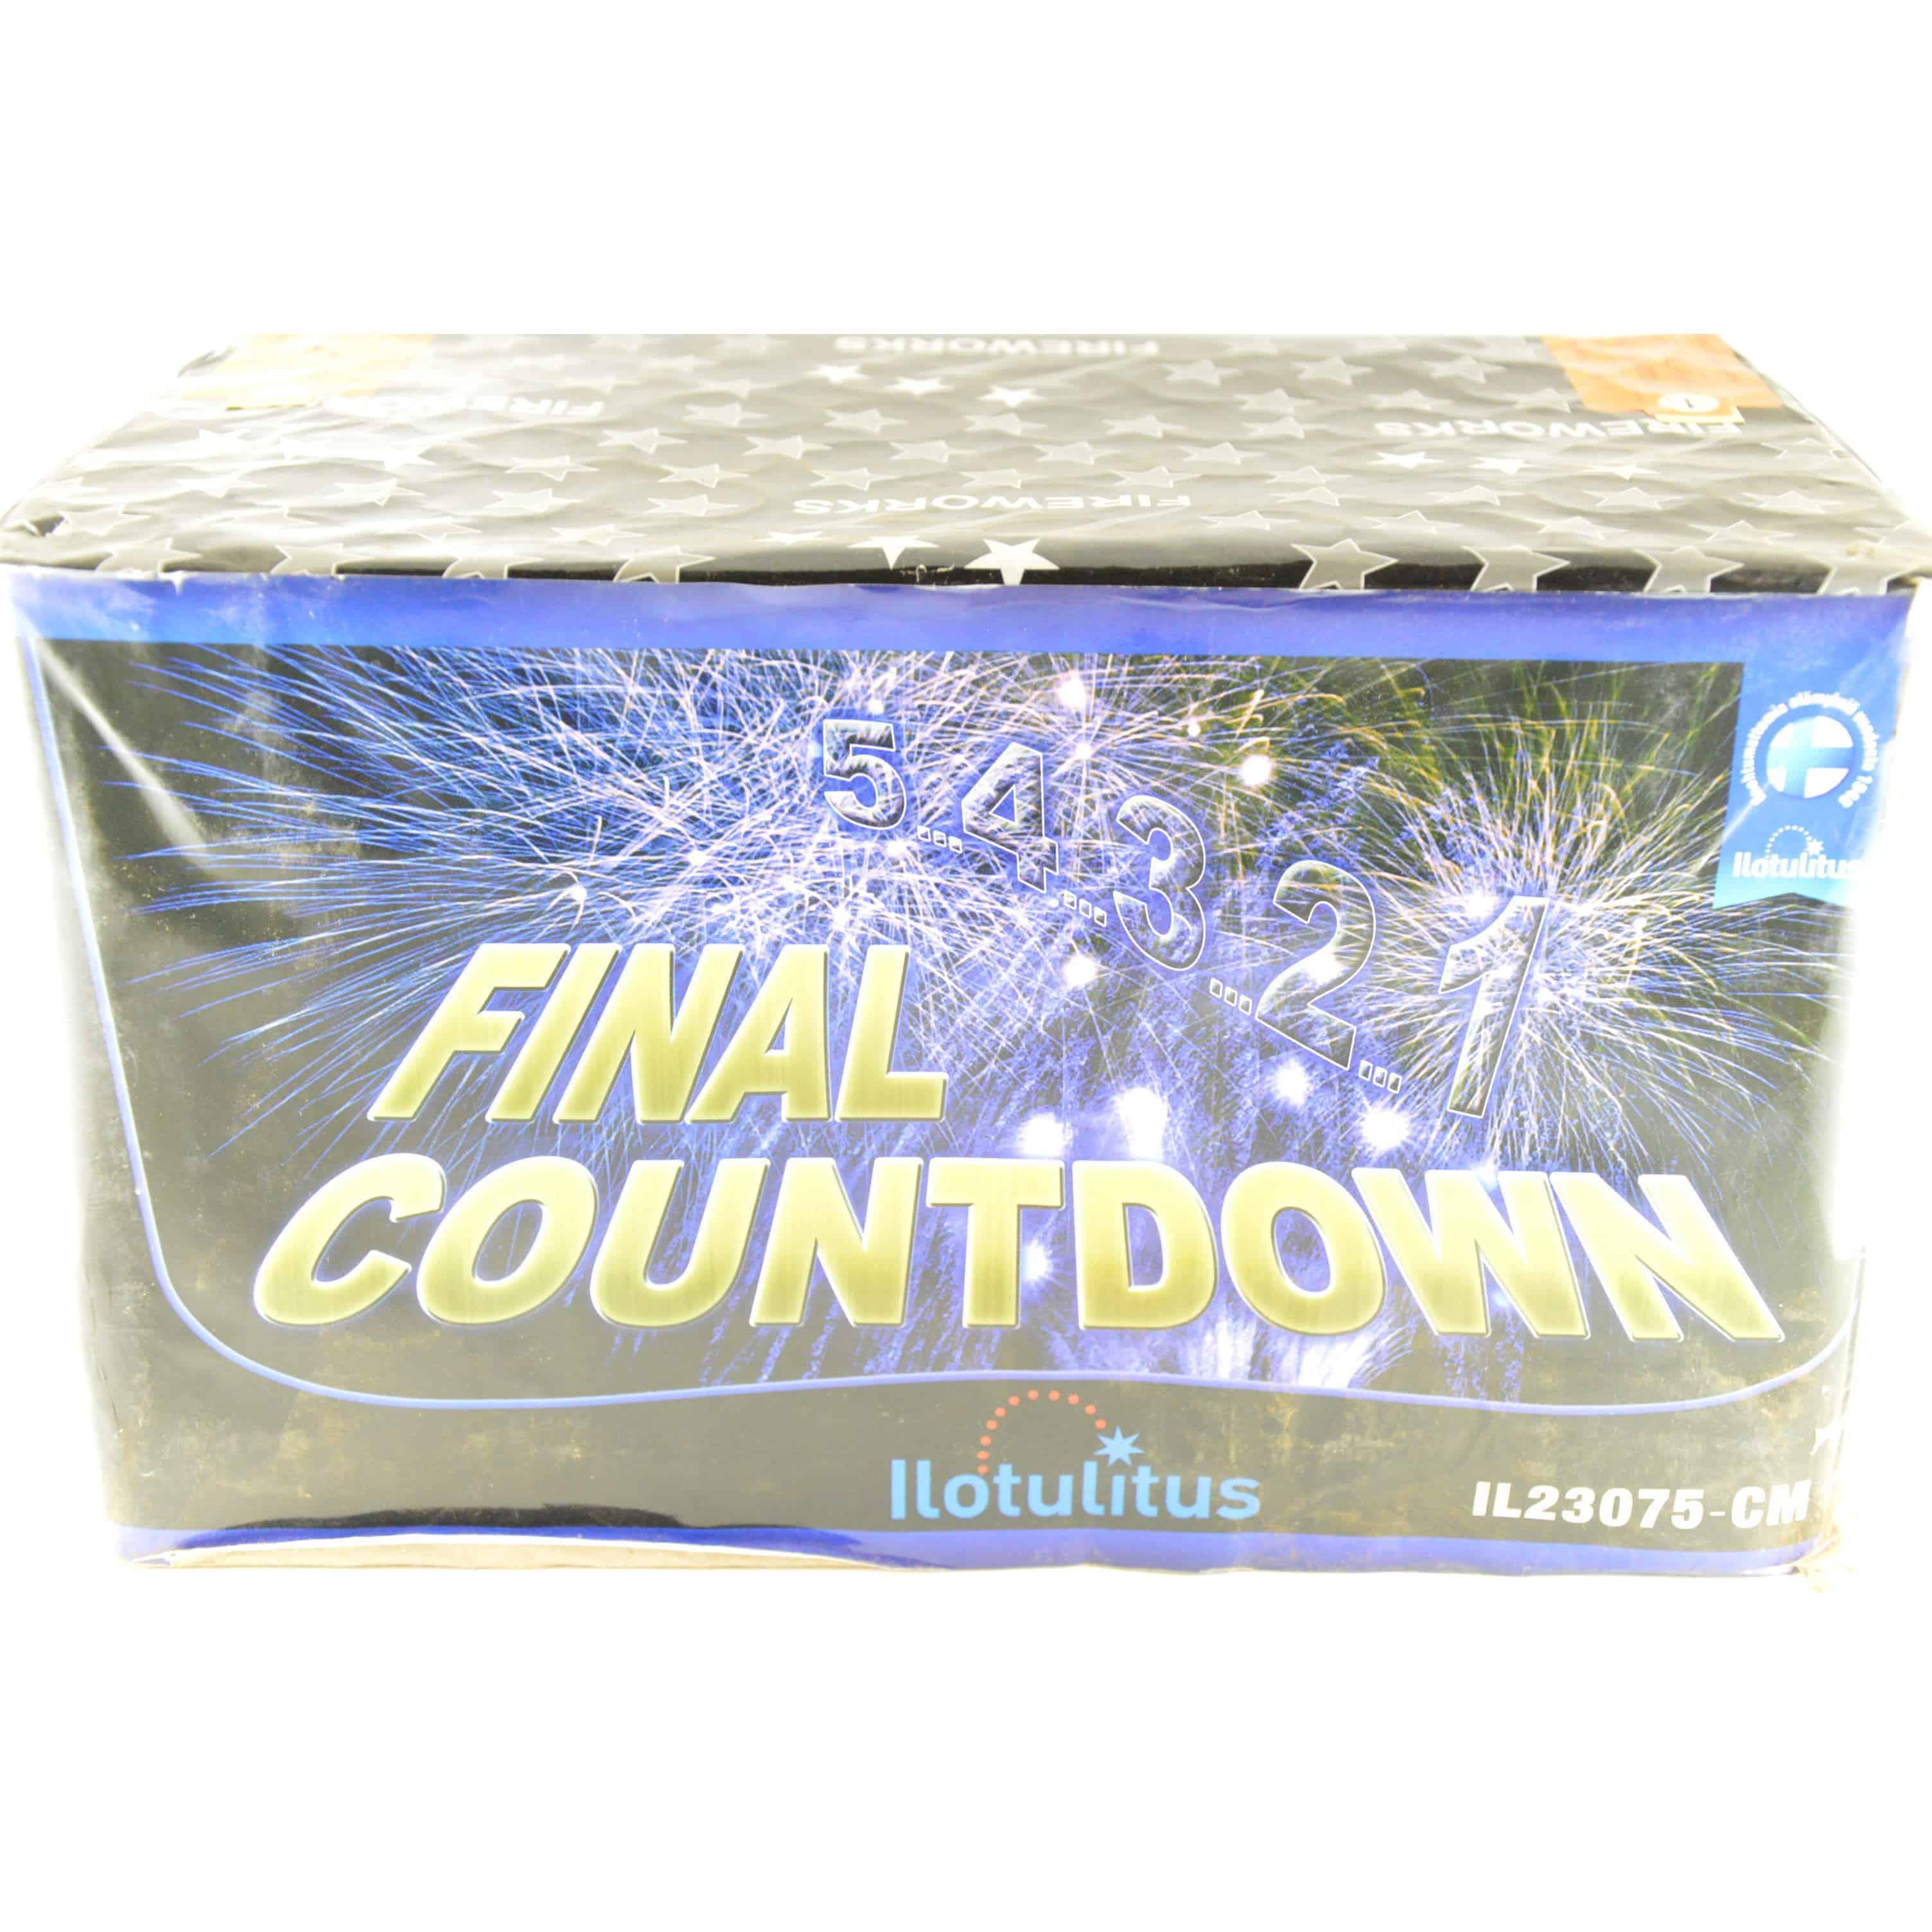 FINAL COUNTDOWN PATA